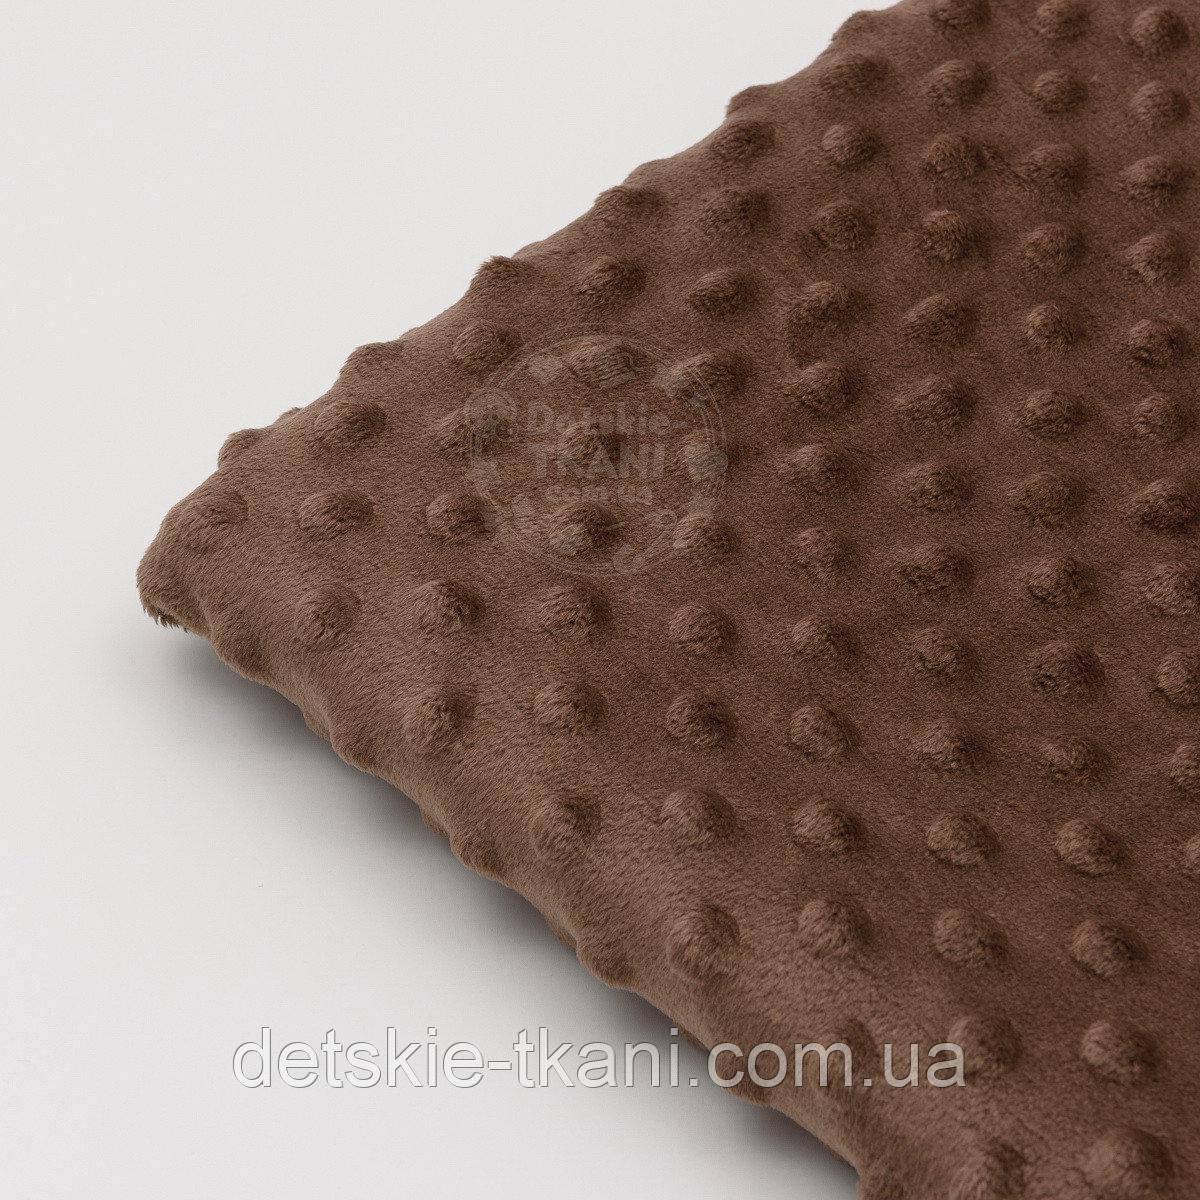 Отрез плюш minky М-16 размером 40*40 см коричневого цвета